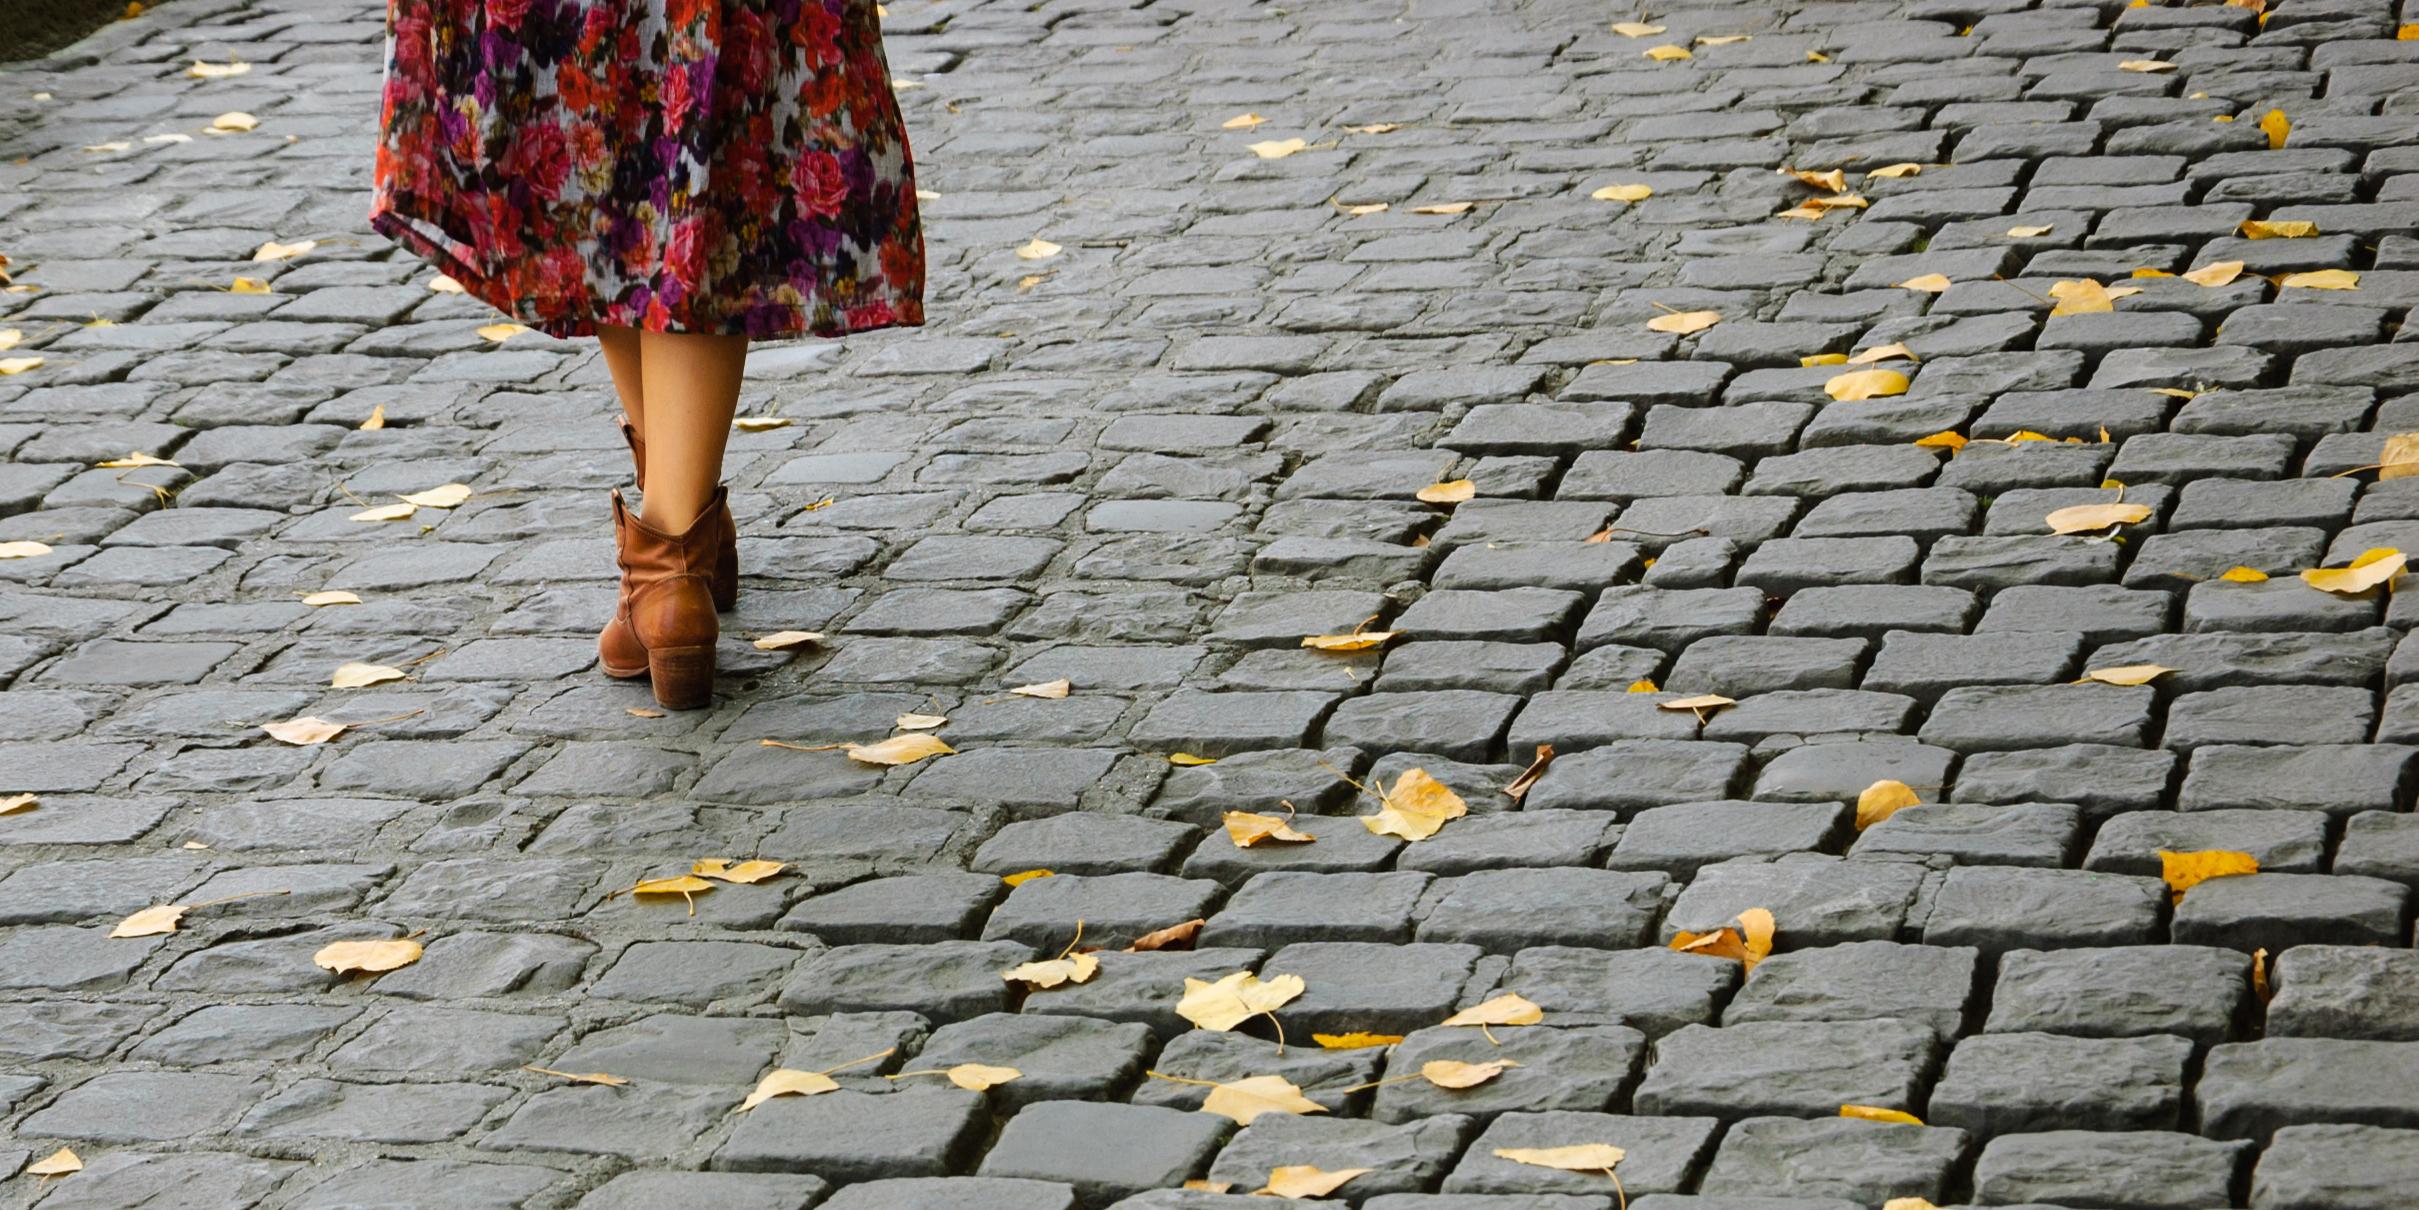 WOMAN STREET